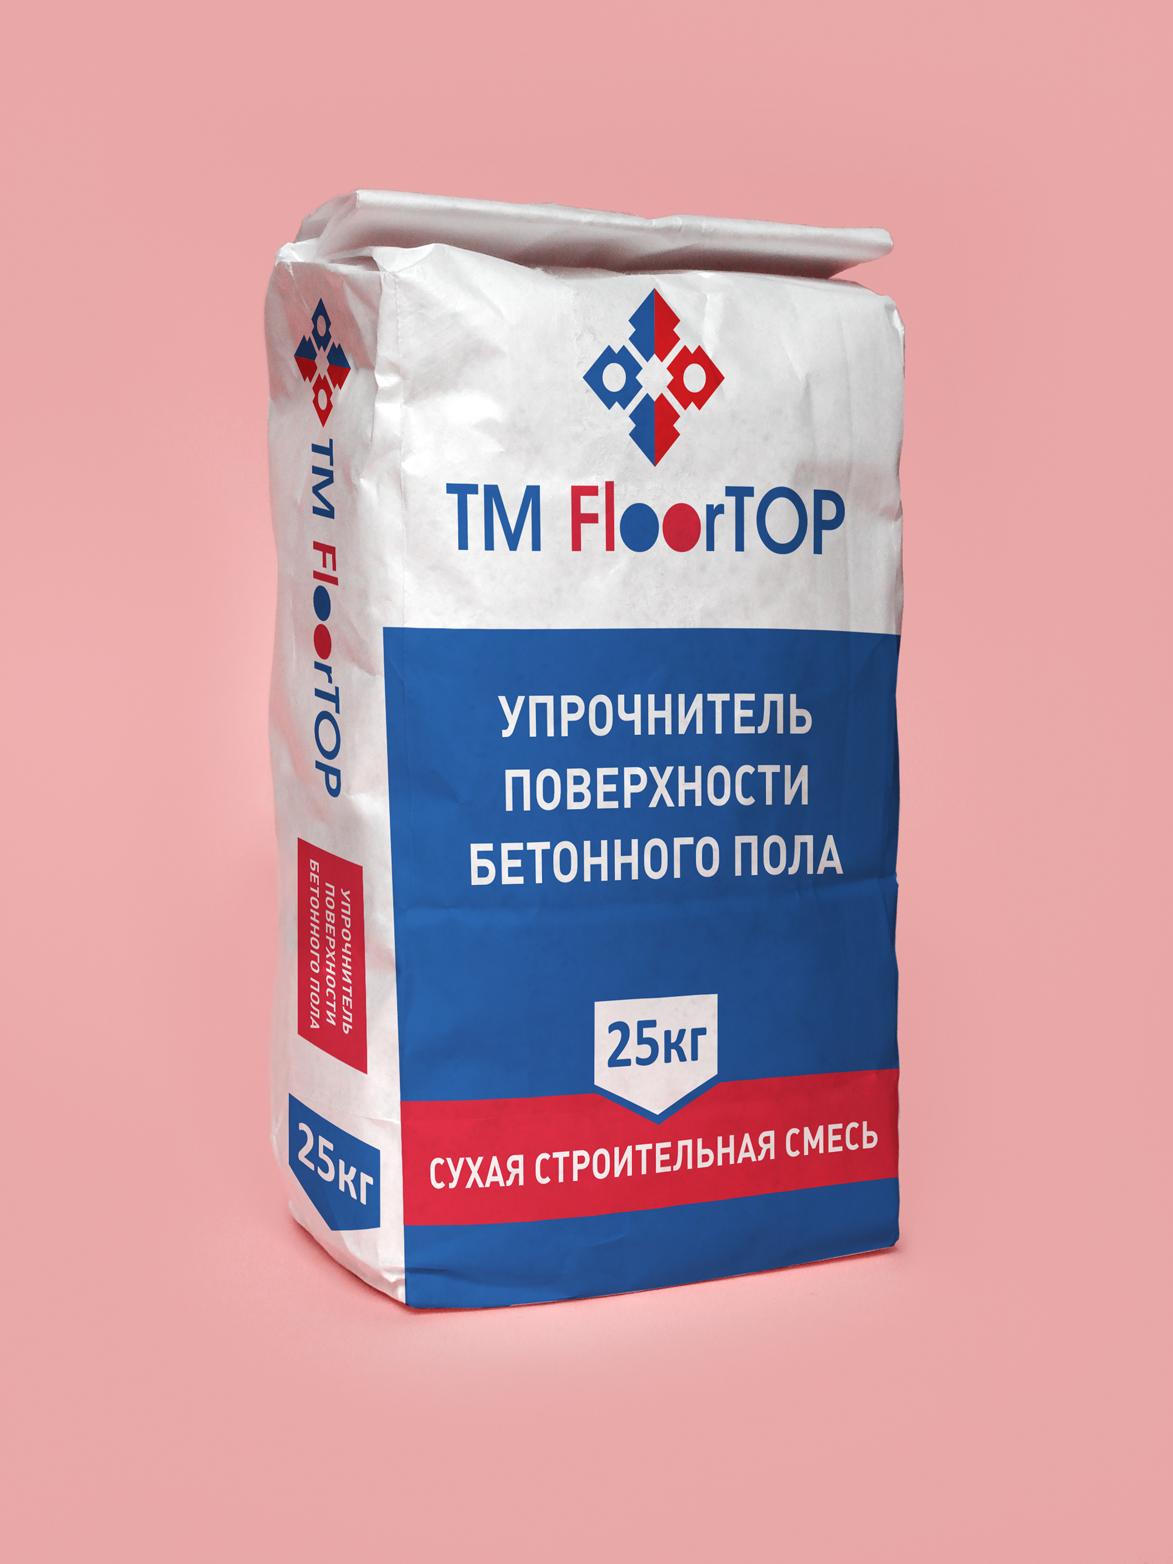 Разработка логотипа и дизайна на упаковку для сухой смеси фото f_3335d2c8bfba76e7.png